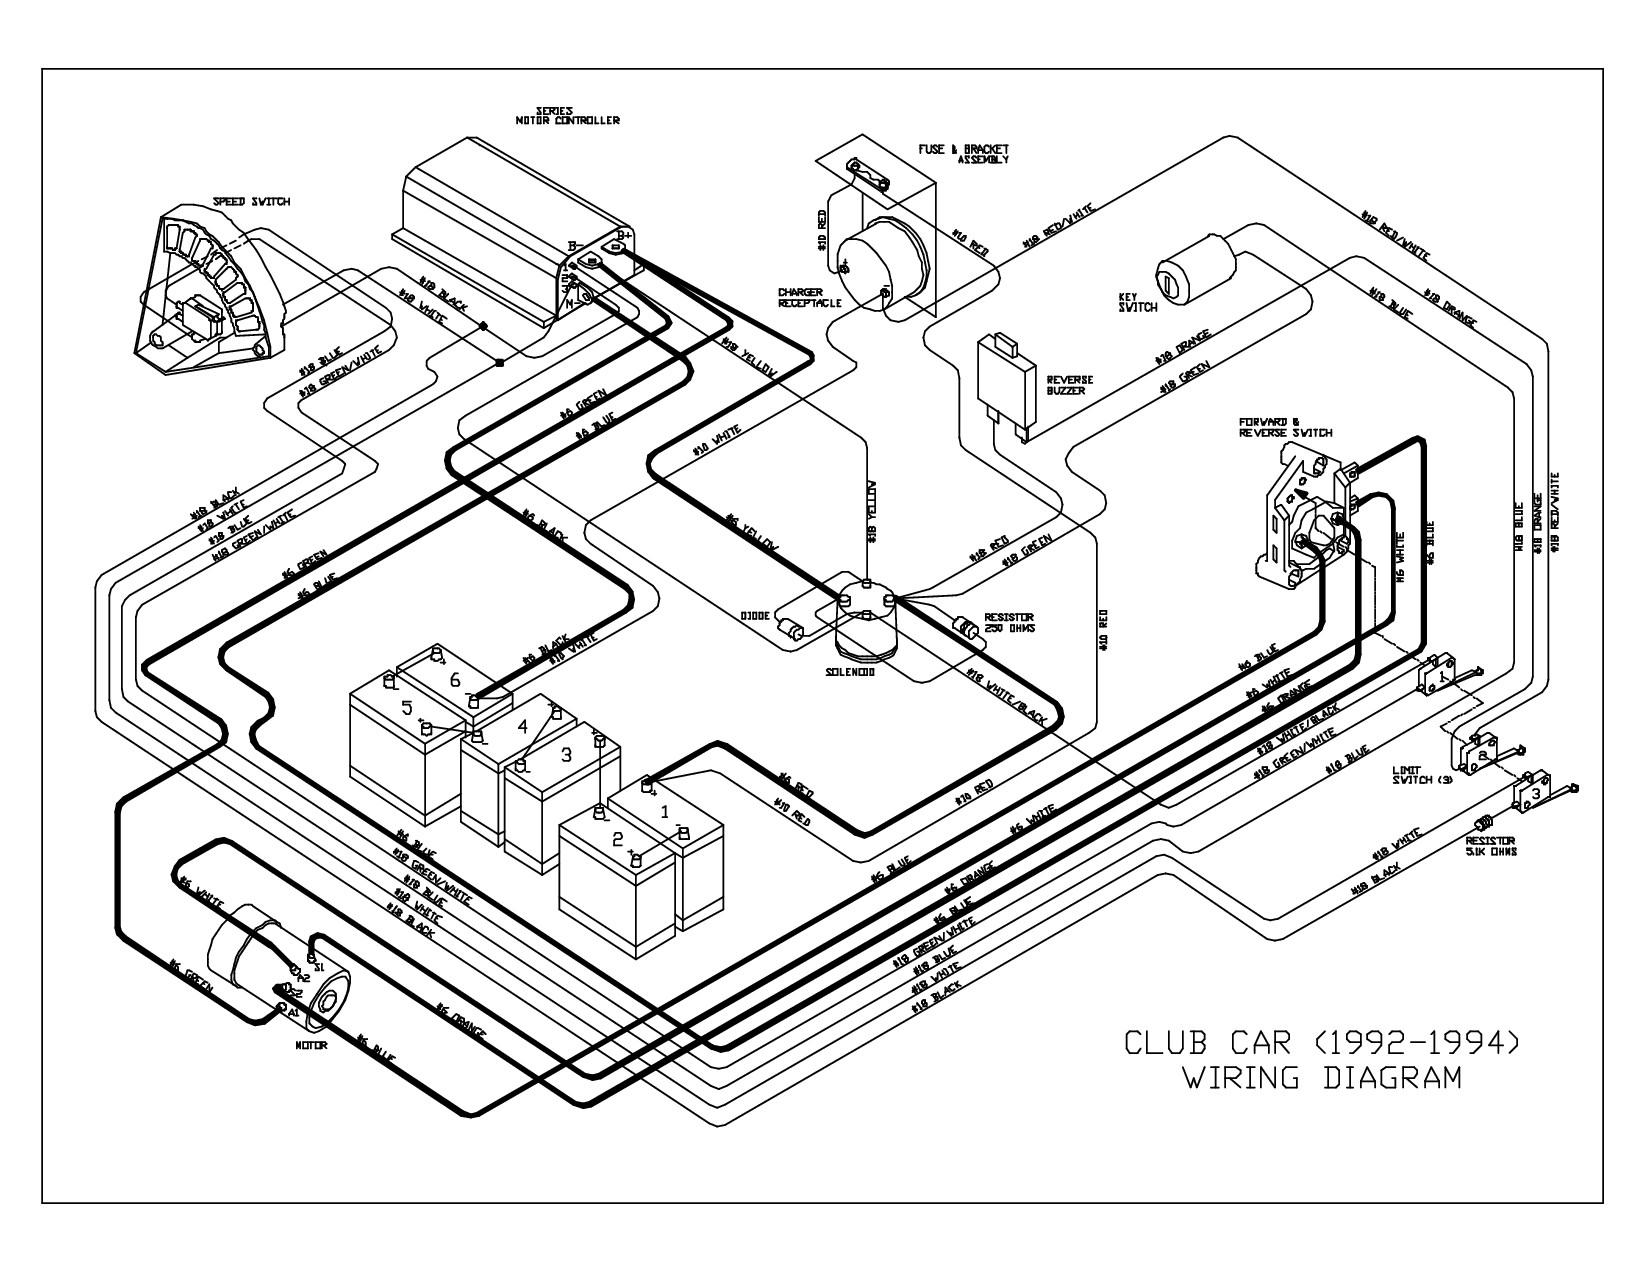 1992 honda accord engine diagram automotive wiring diagram 1992 rh detoxicrecenze com